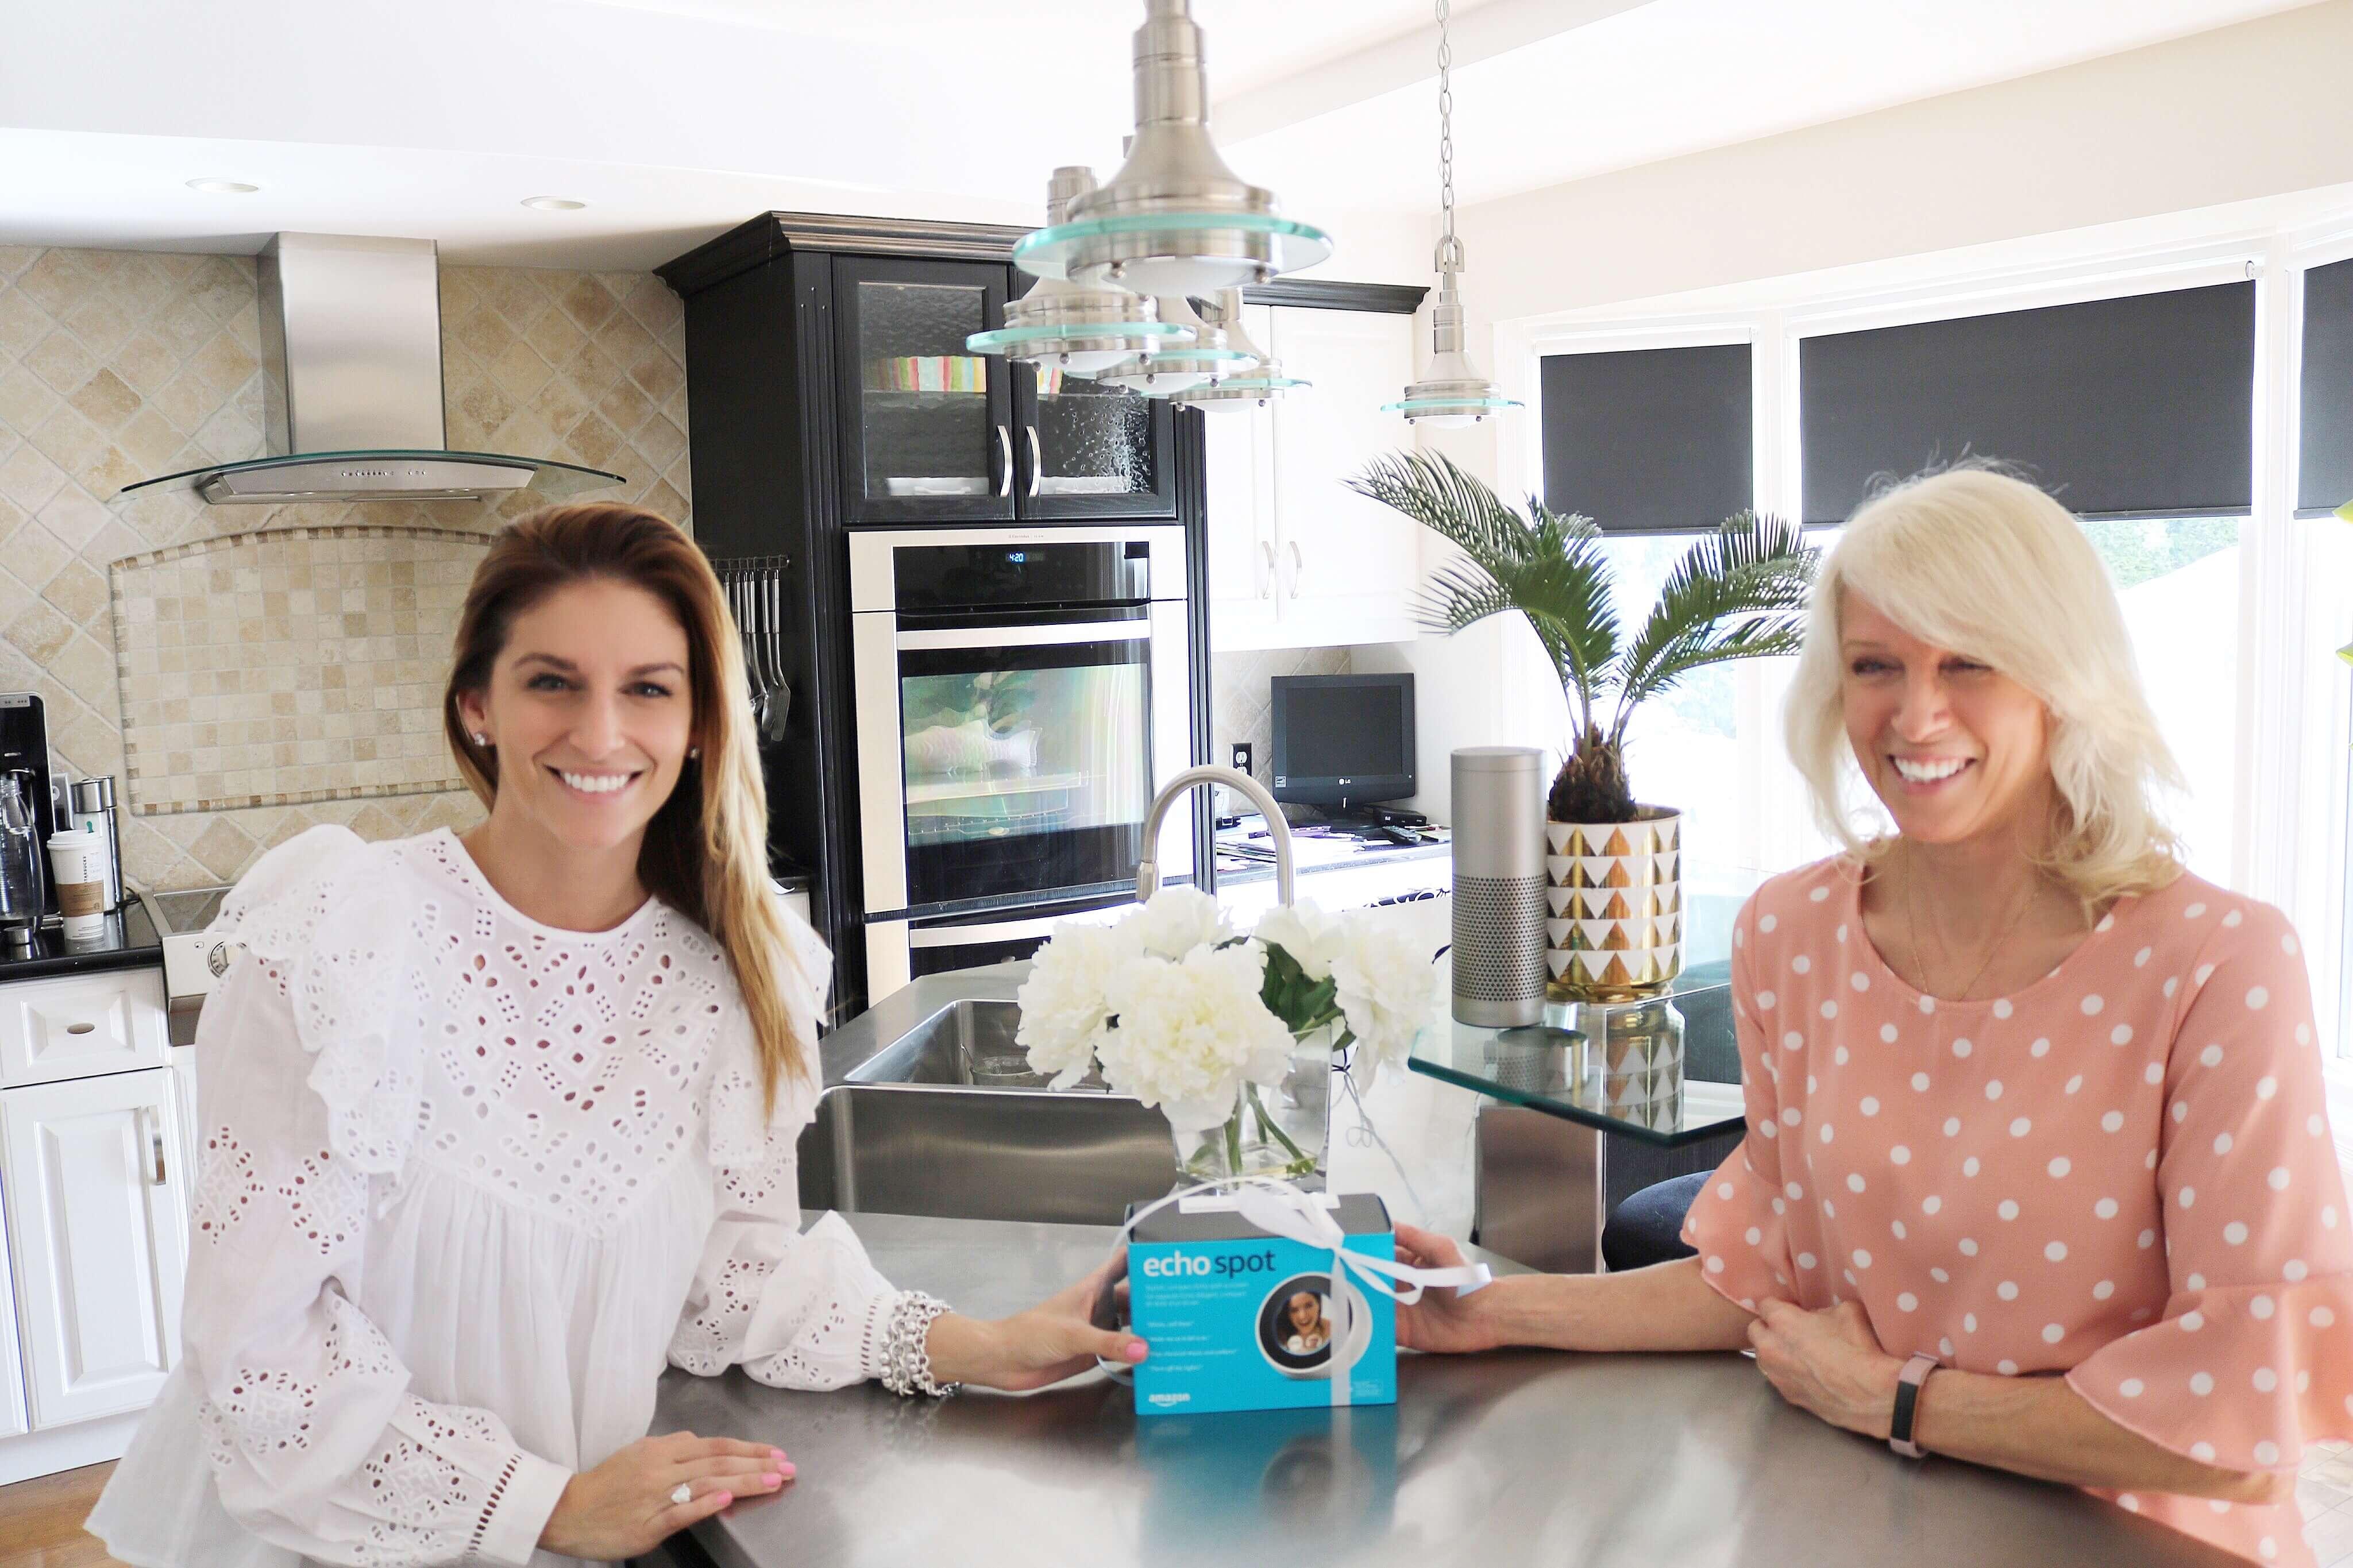 Mother's Day Gift Ideas- Amazon Echo Spot sparkleshinylove